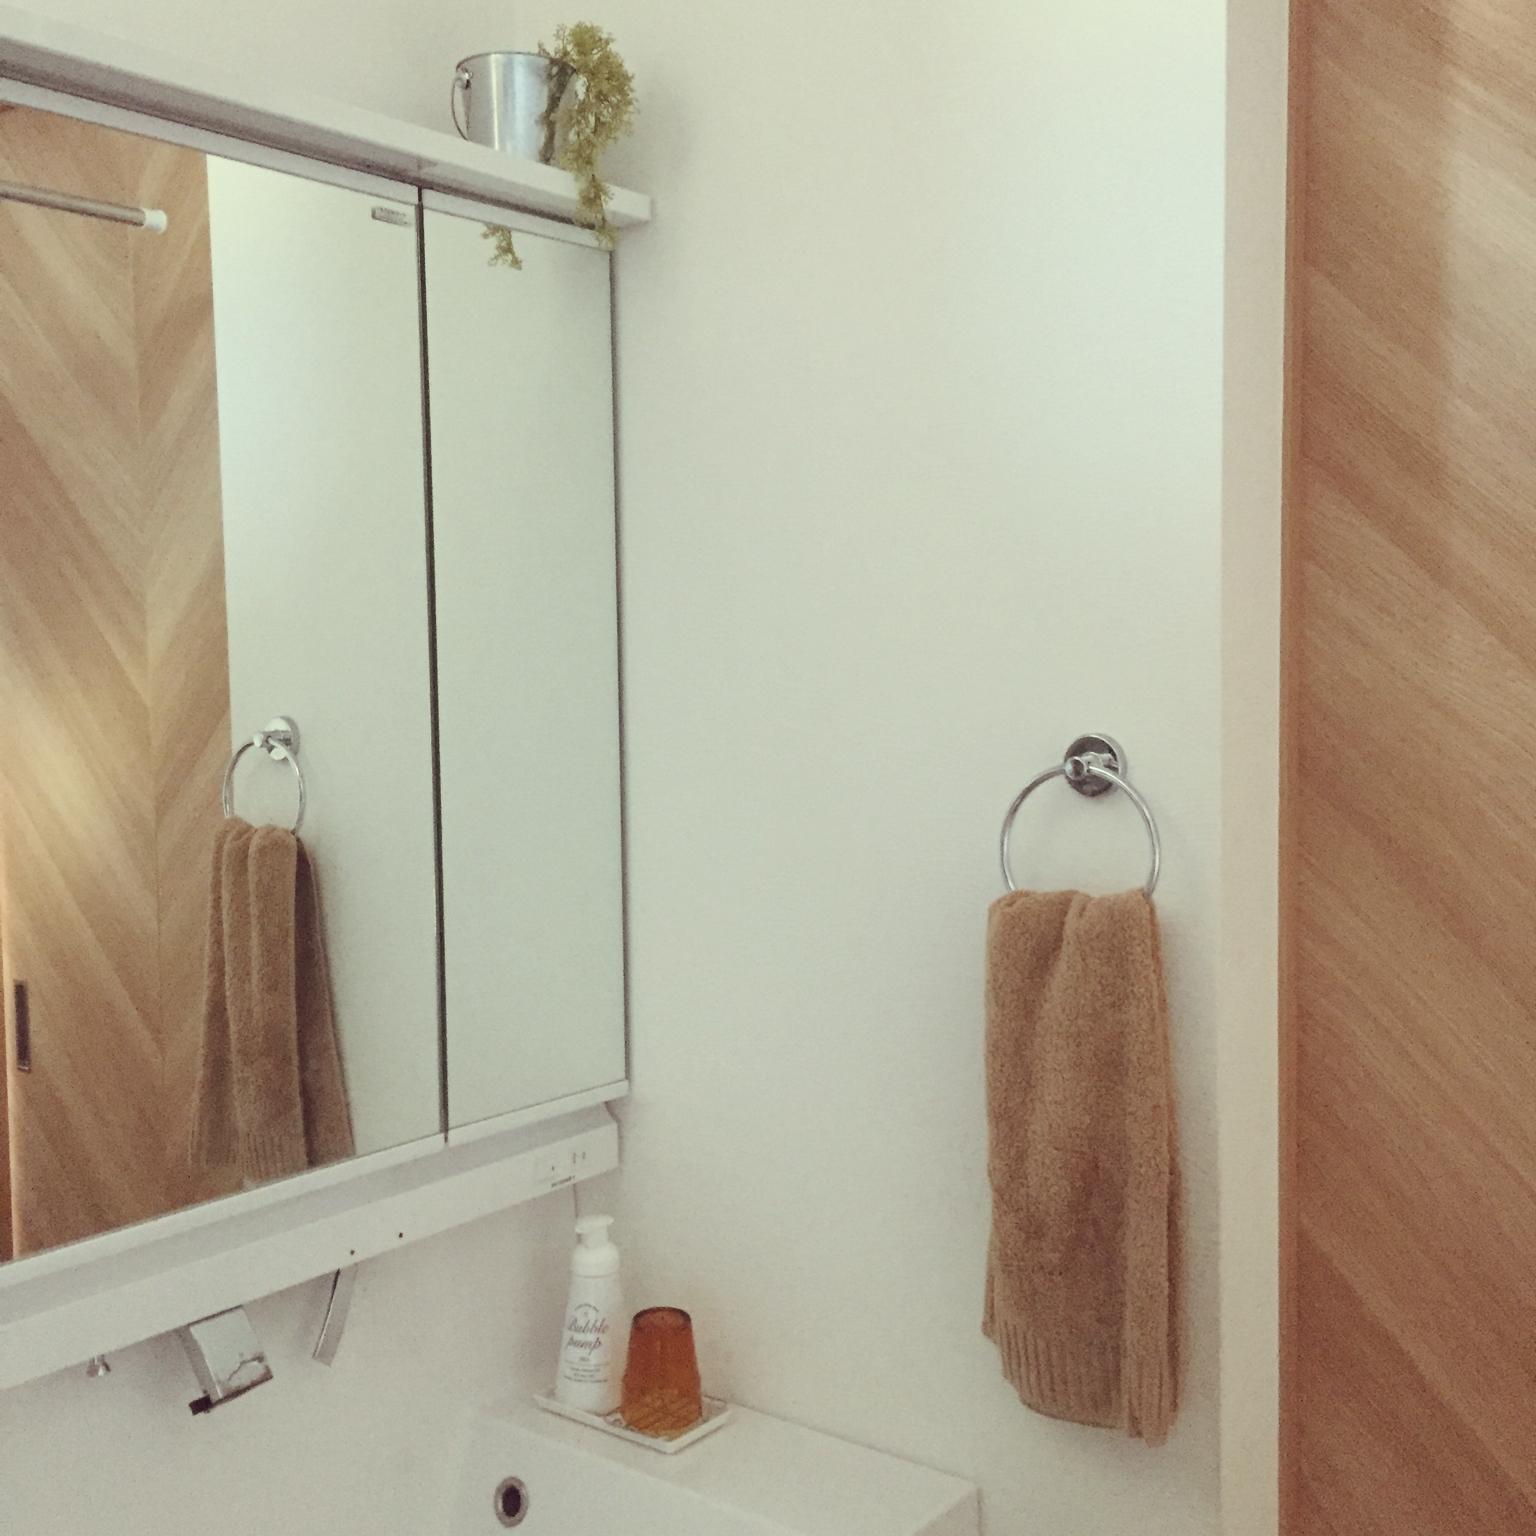 Bathroom/洗面所/セリア/ハンドソープ/フェイクグリーン/LIXIL/LIXIL洗面台に関連する部屋のインテリア実例